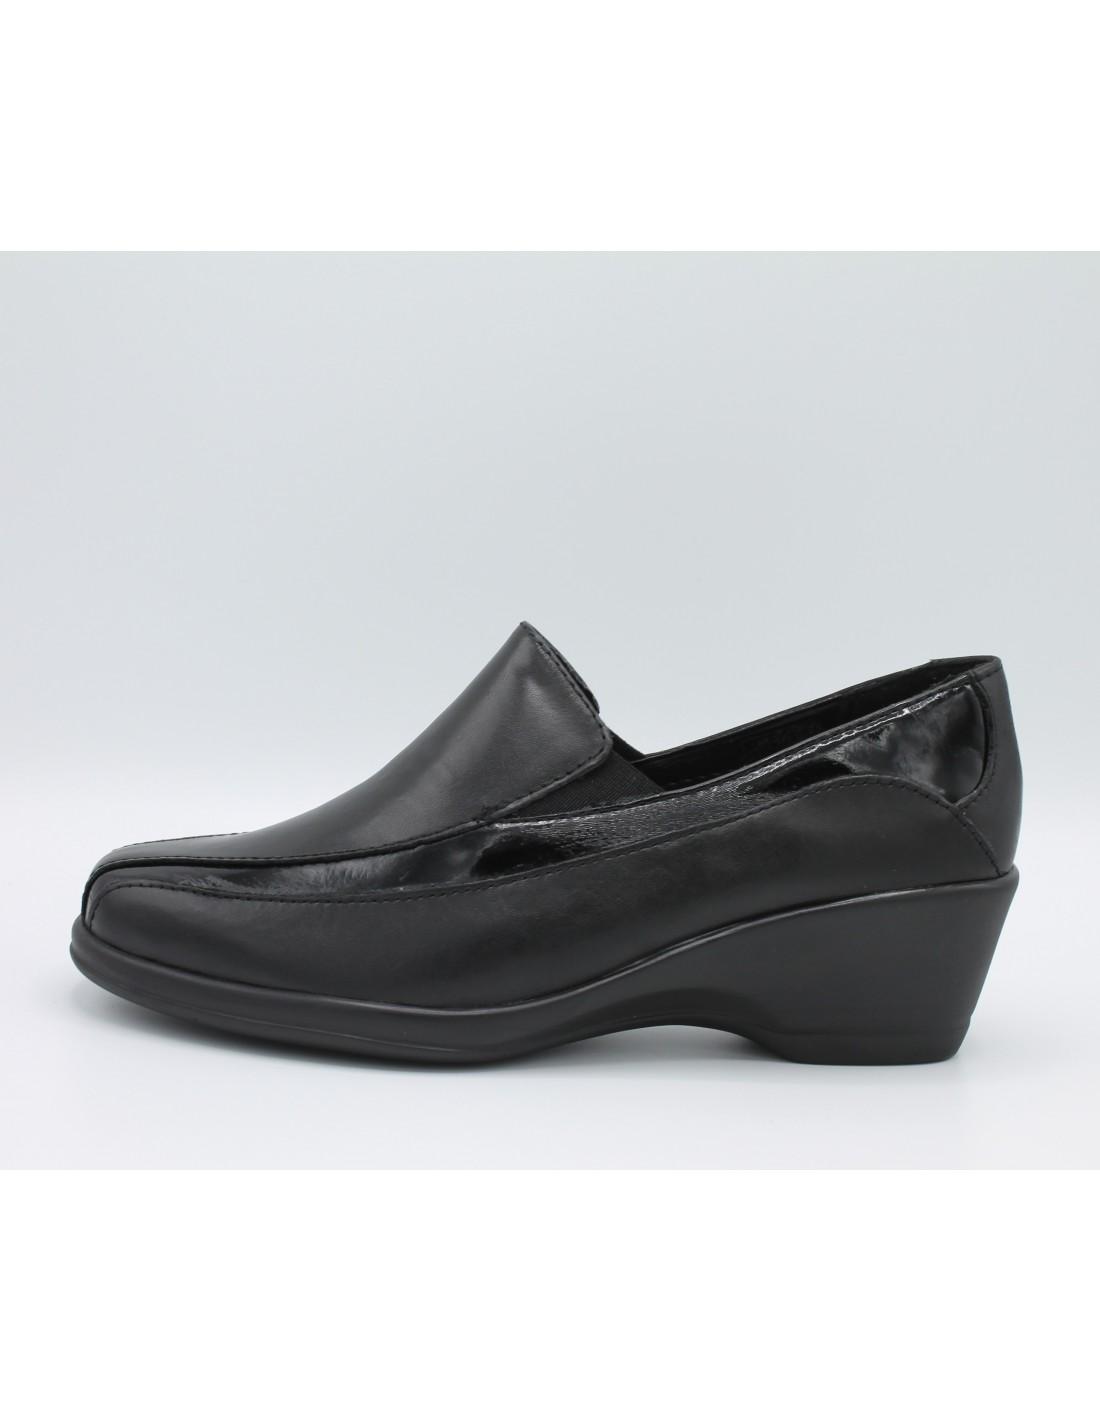 Cinzia soft scarpe donna con zeppa comoda in gomma in pelle e vernice nero IV6820 Angela Barba